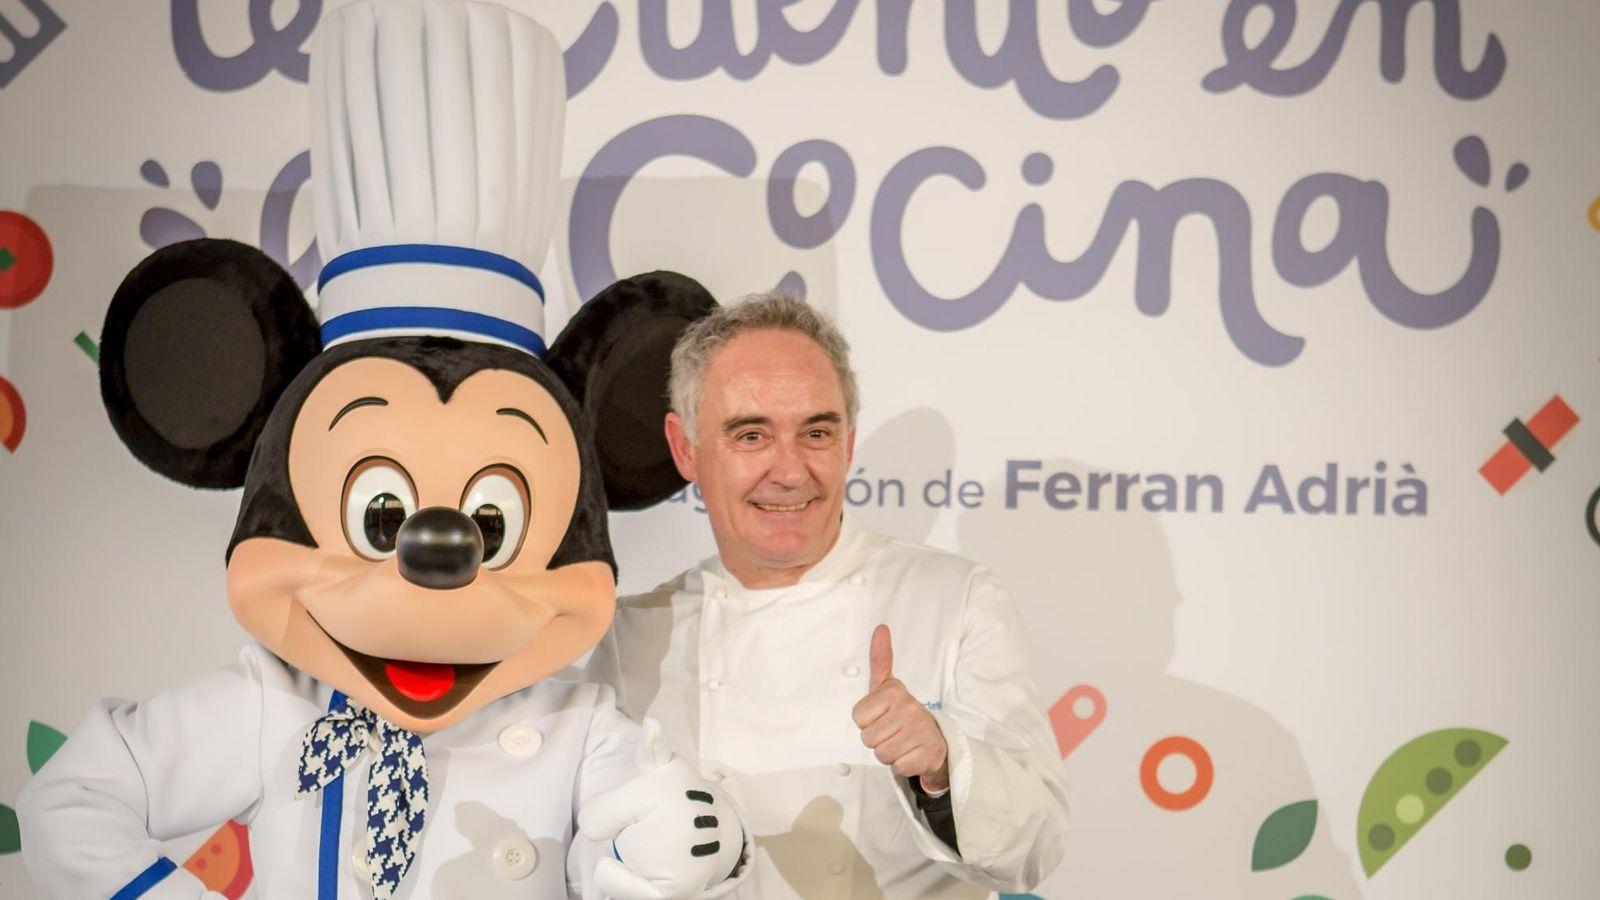 Foto: Ferrán Adrià y Disney